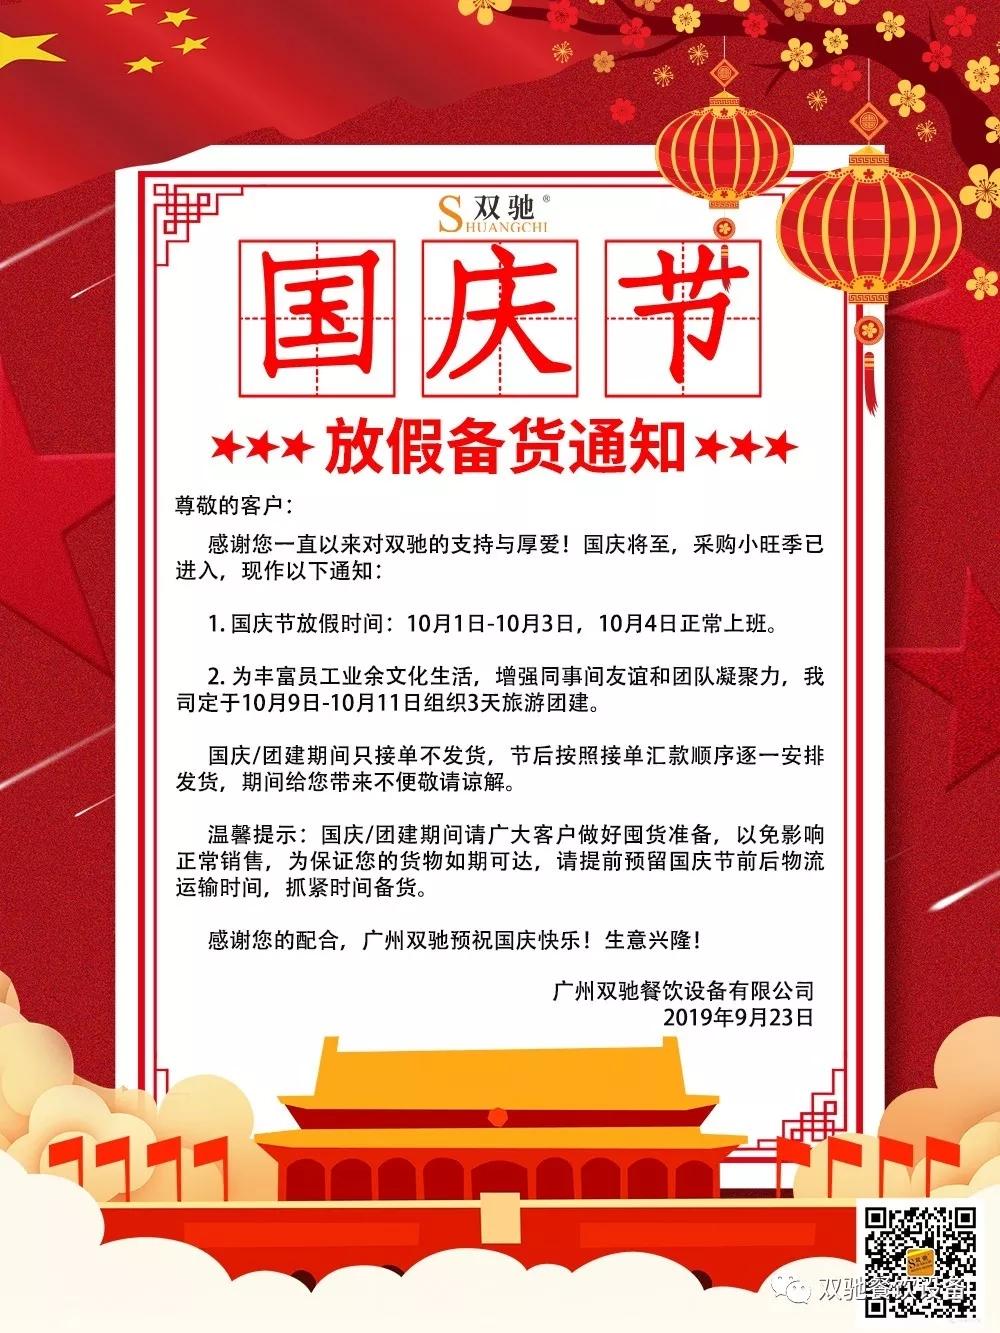 廣州雙馳 丨國慶放假備貨通知!